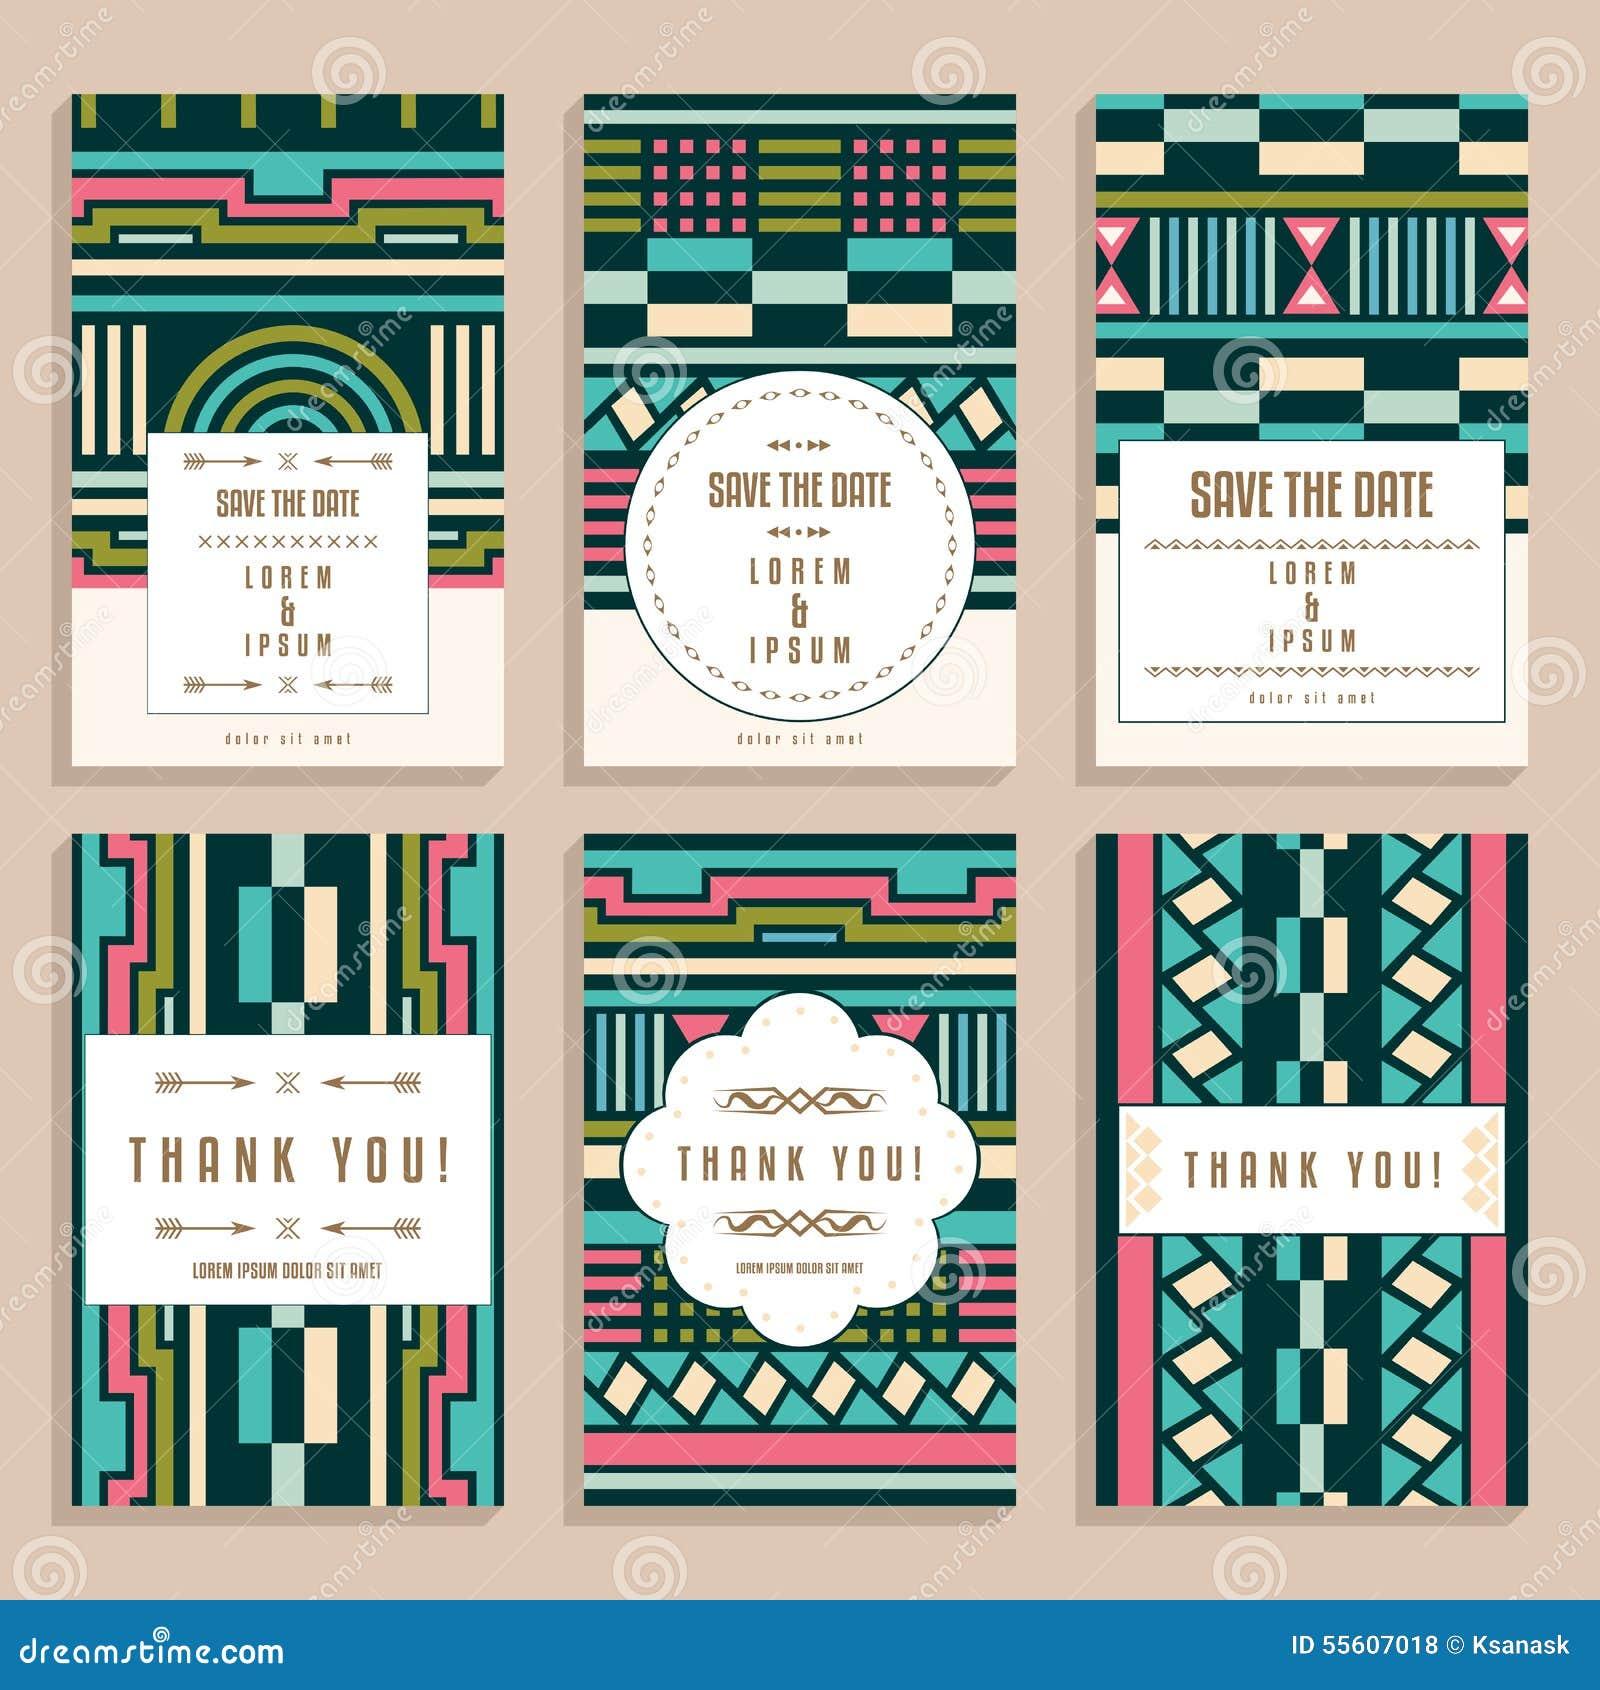 Art deco ornaments - Set Of Six Wedding Cards With Art Deco Ornaments